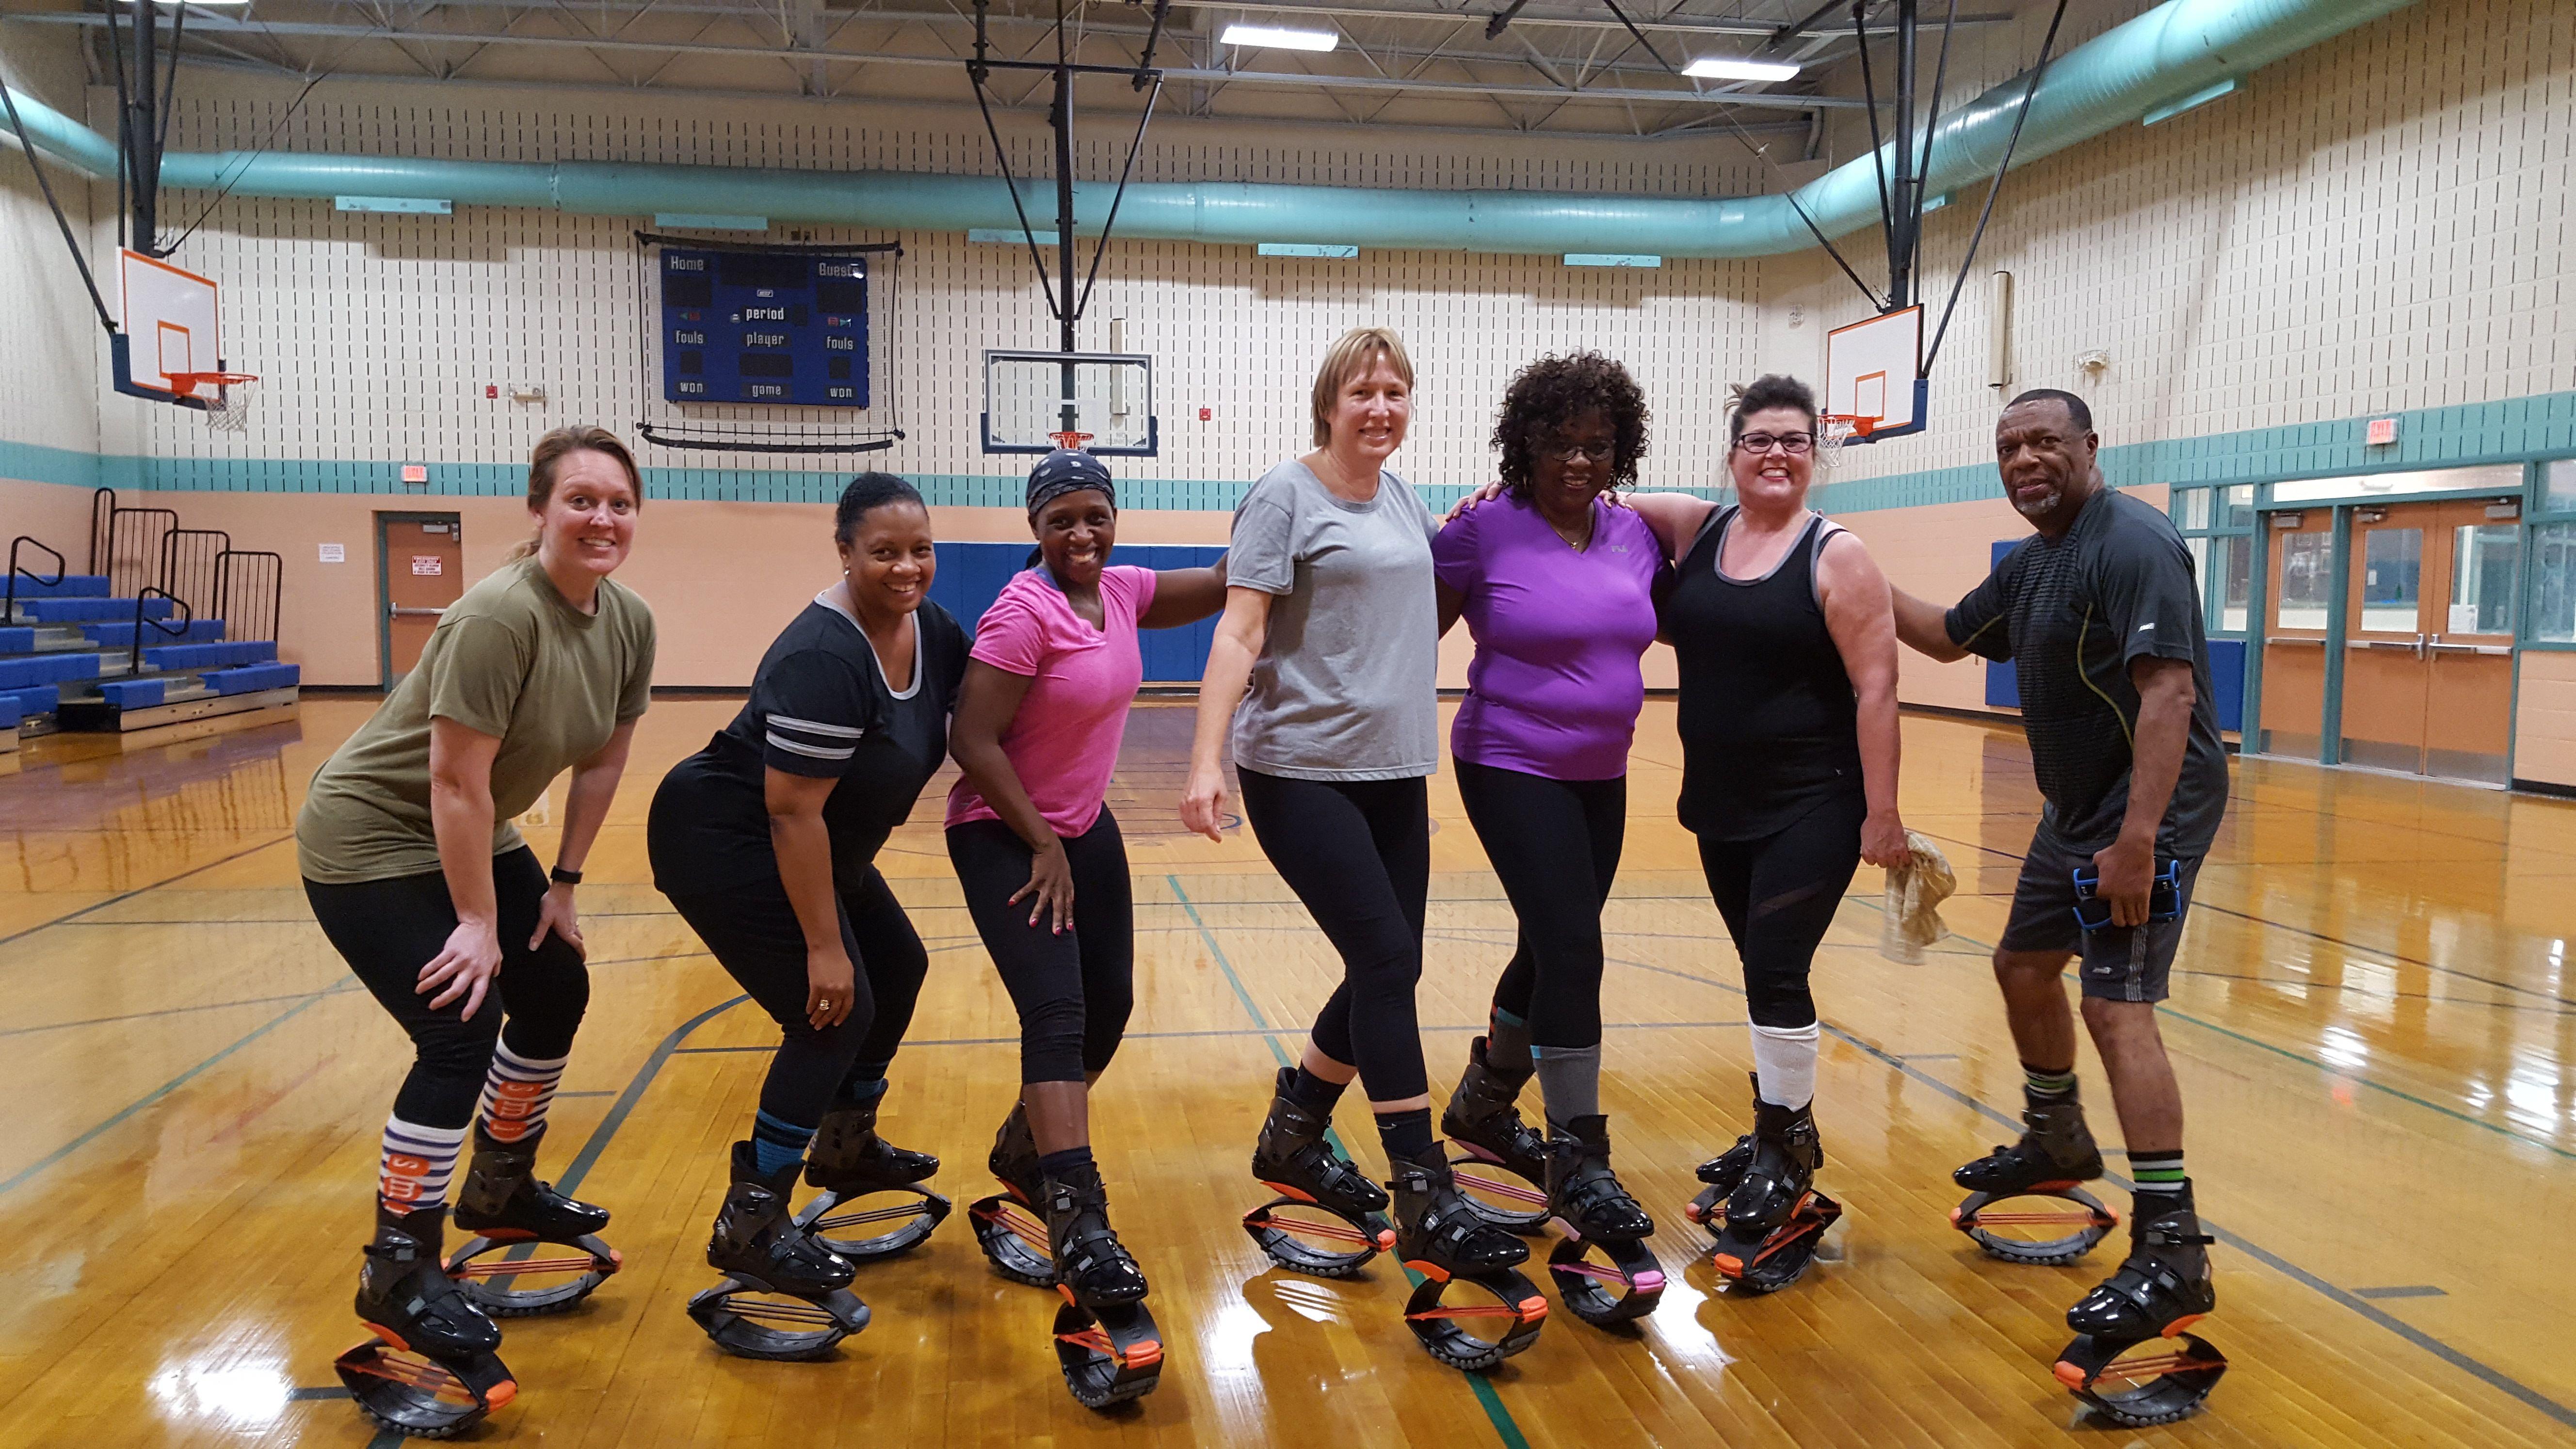 Roller skating rink laurel md - Roller Skating Rink Laurel Md 15